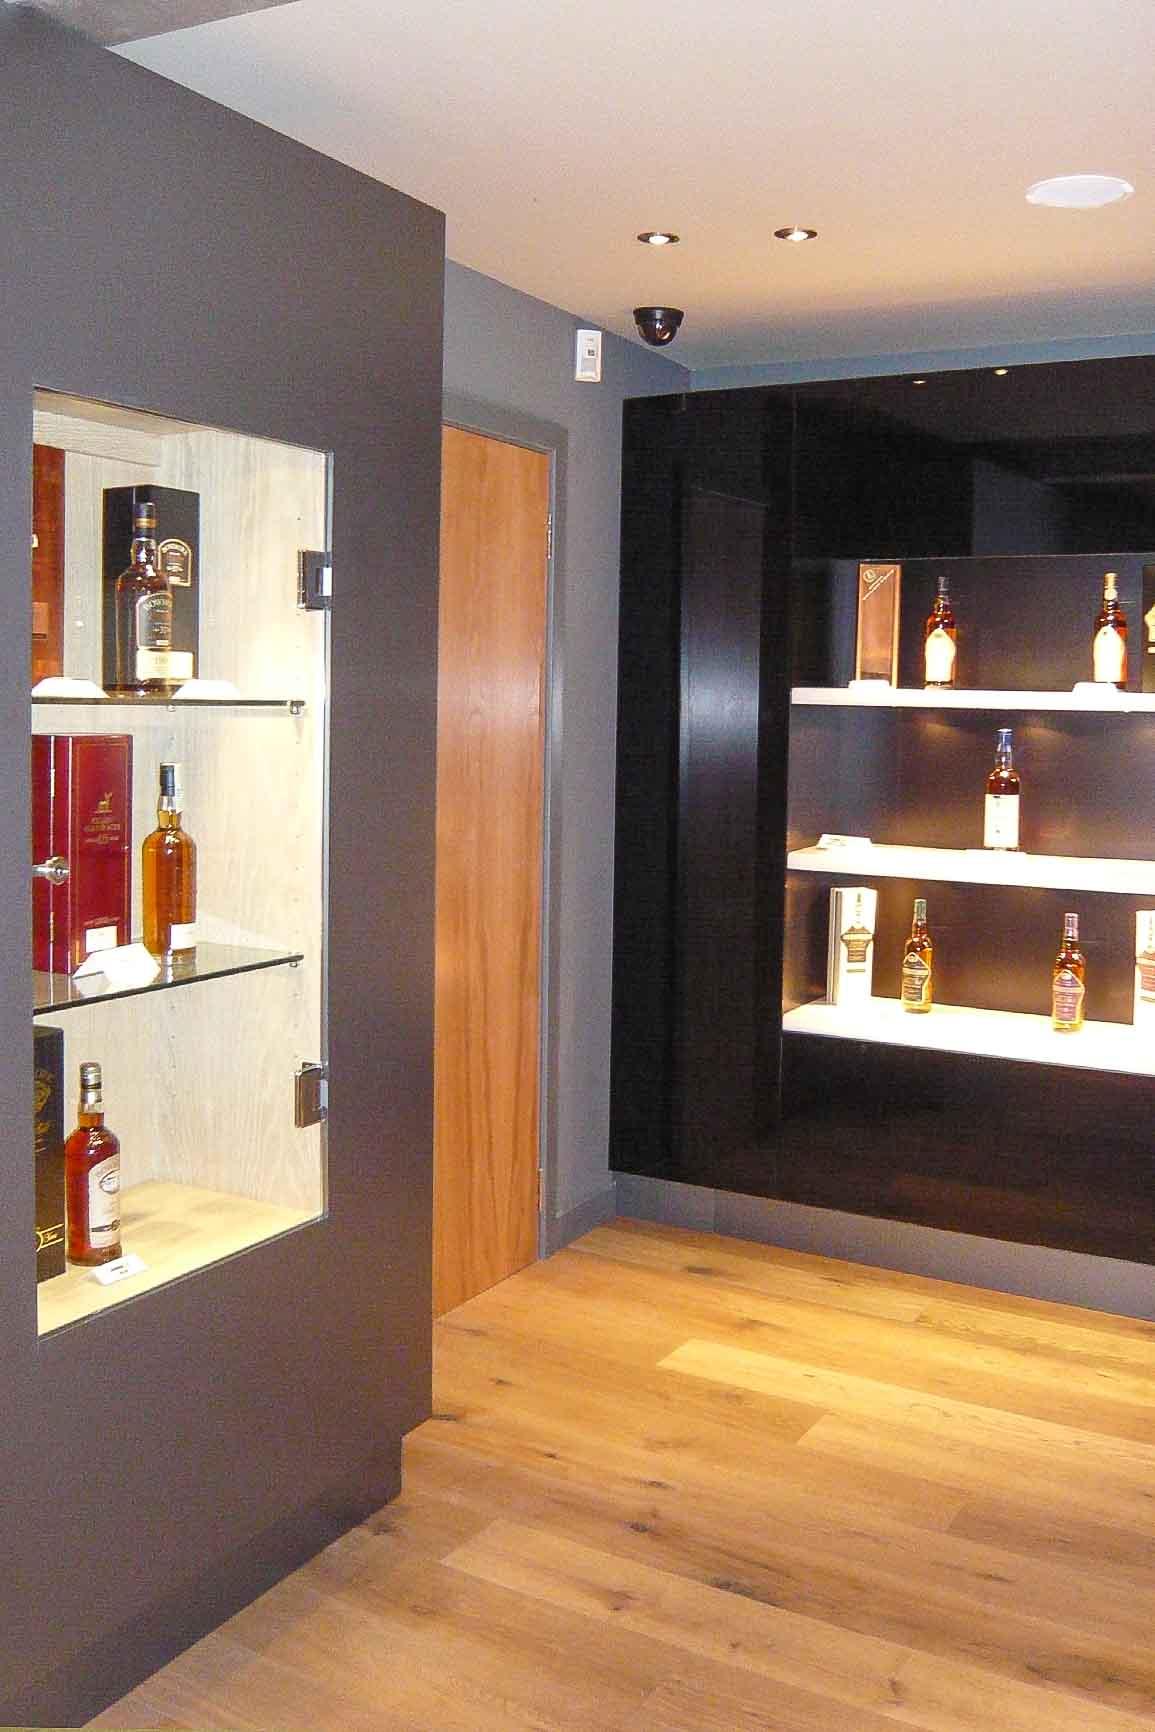 Jack Hyams - Auchentoshan Distilleries Furniture Design & Manufacturer